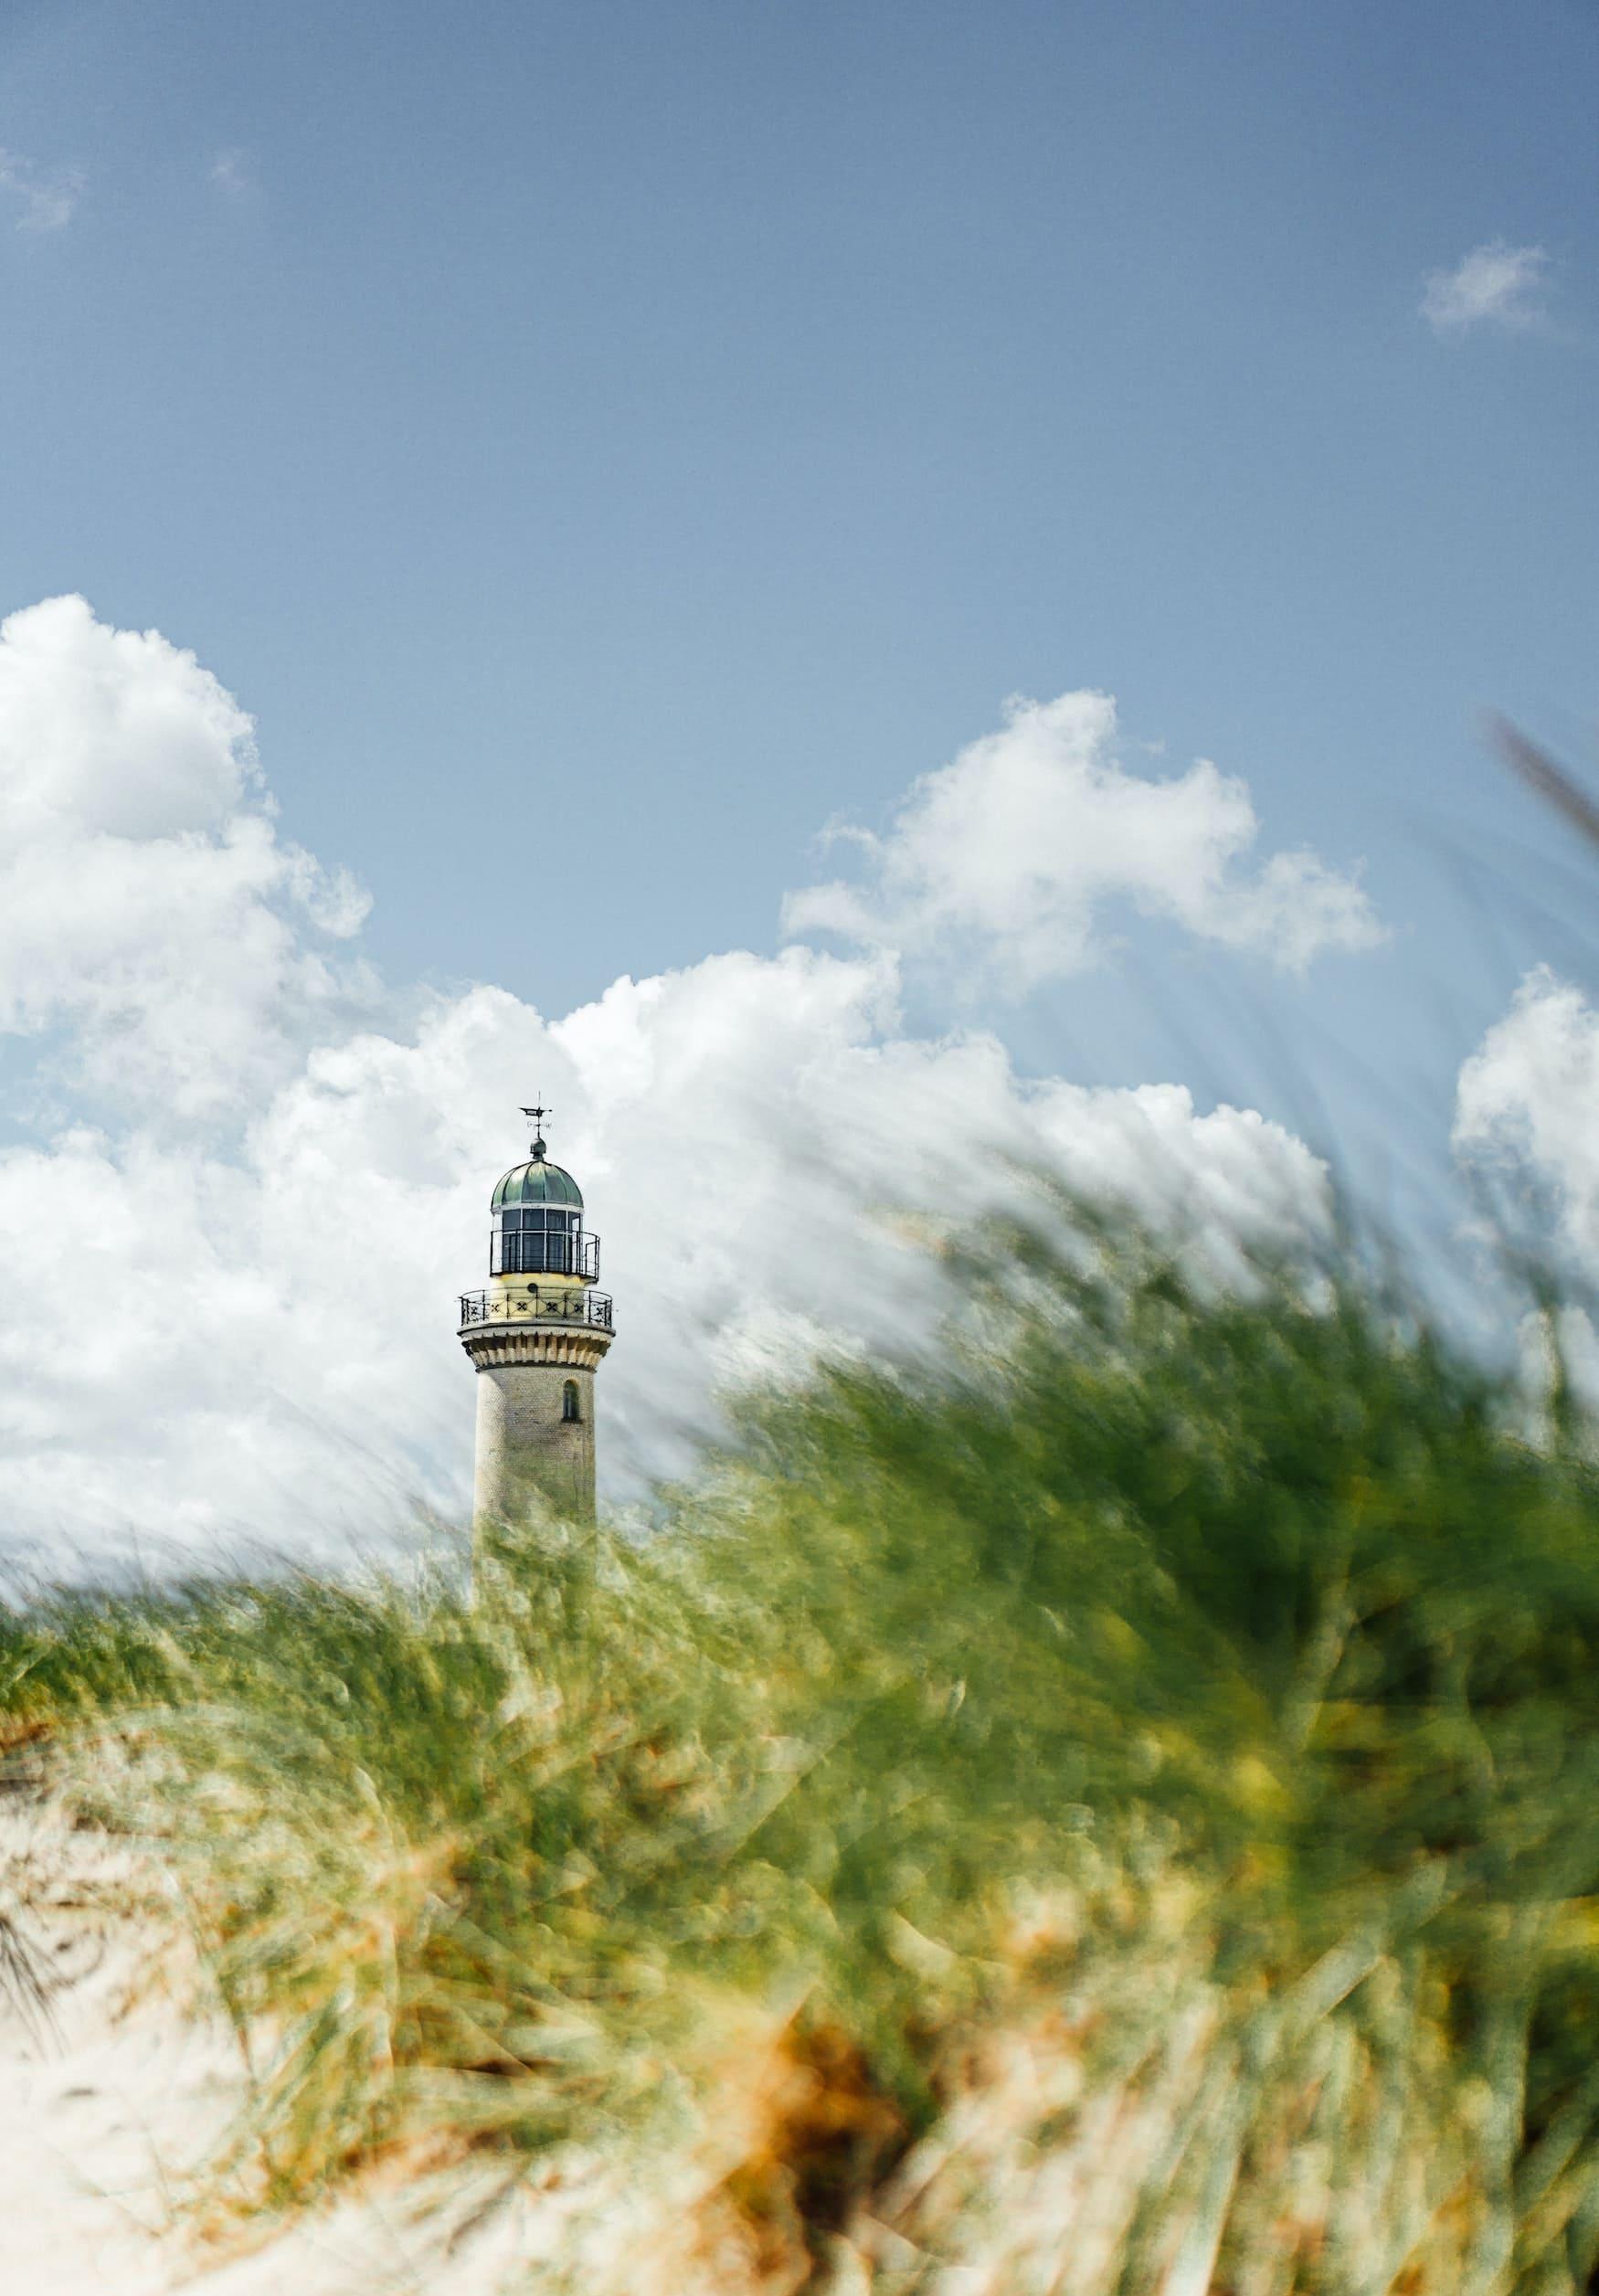 Leuchtturm am Strand von Warnemünde in Deutschland